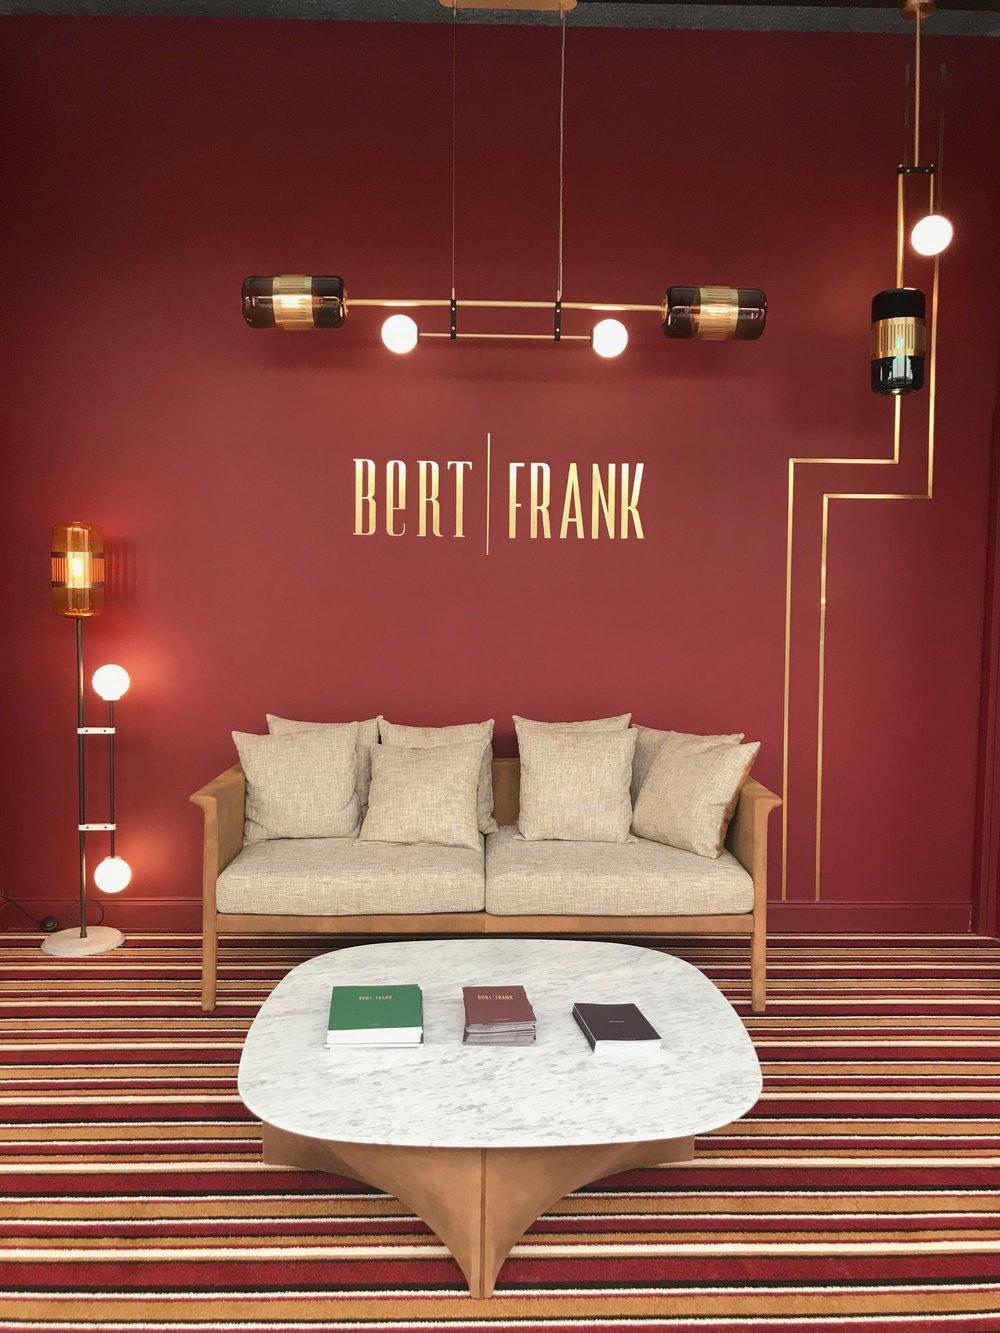 Bert Frank